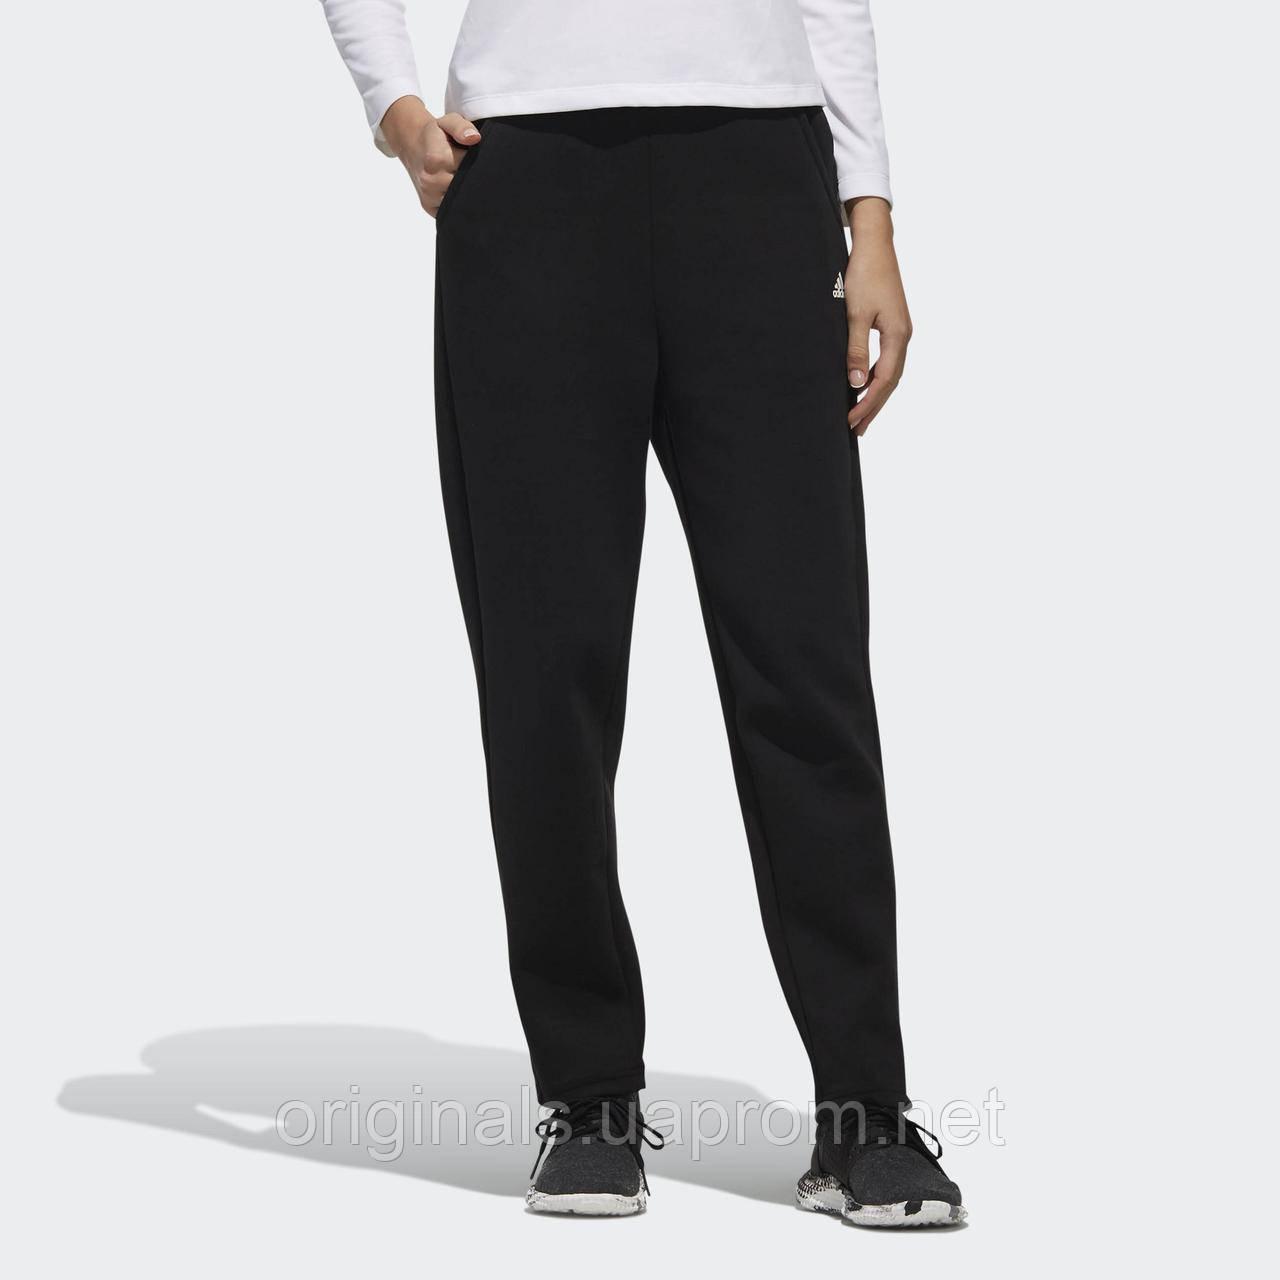 7a47e525 Женские штаны Adidas Sport 2 Street DV0765 - 2019 - интернет-магазин  Originals - Оригинальный